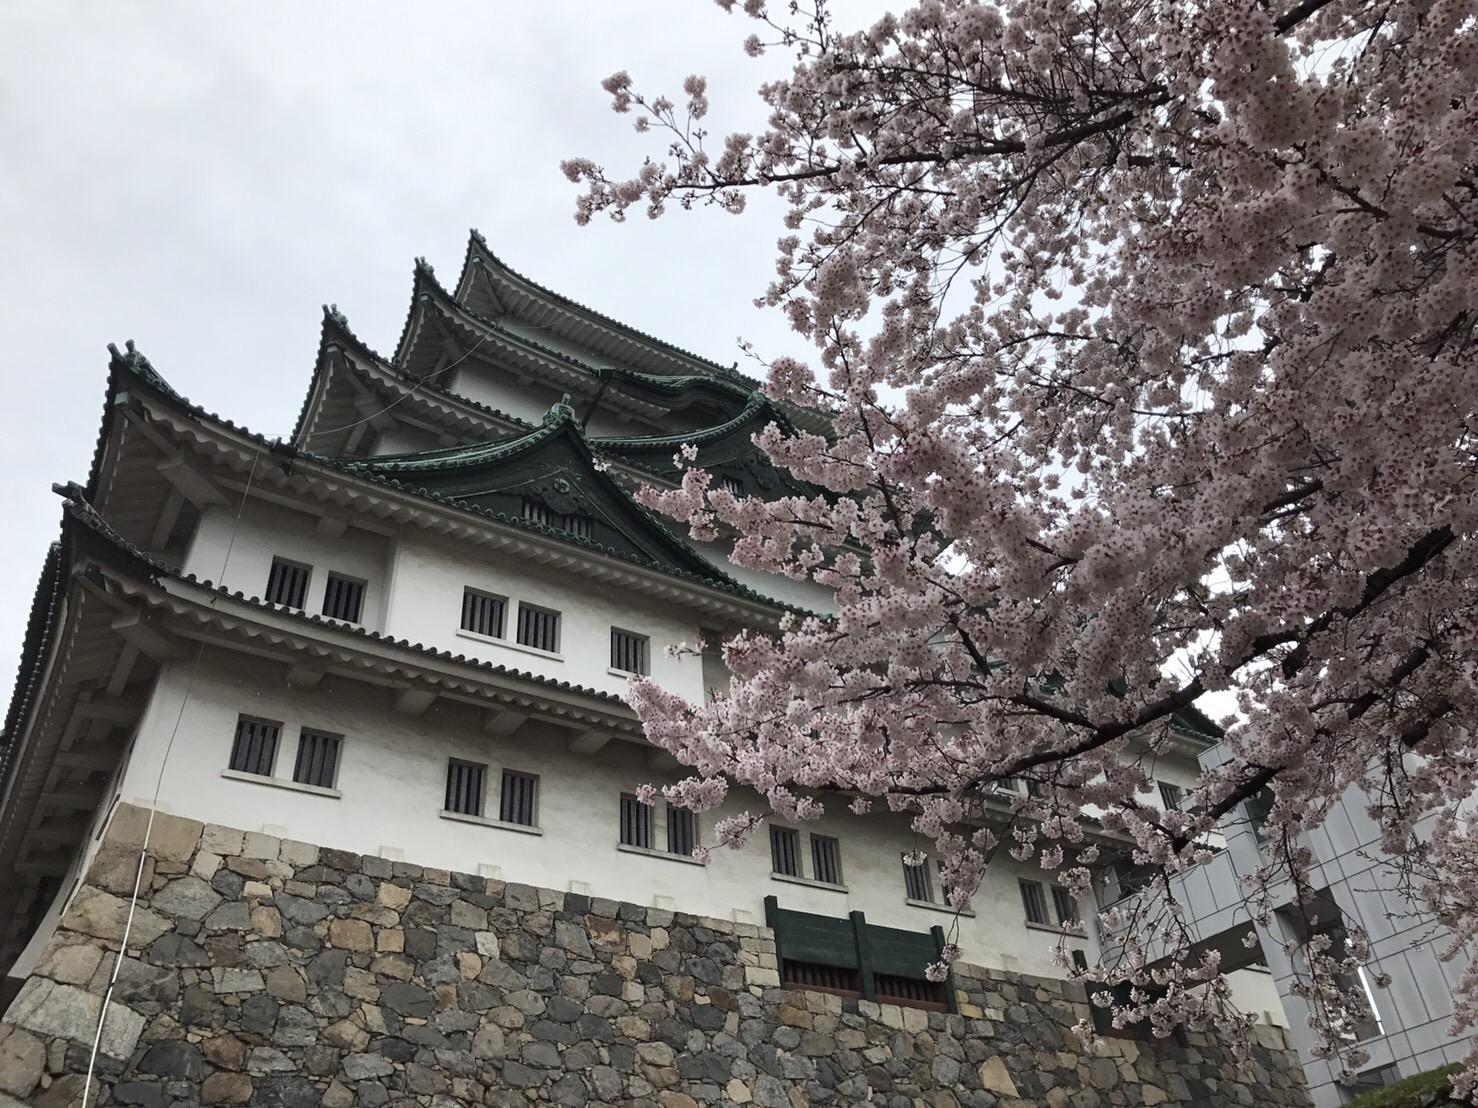 名古屋城名城桜まつり(名古屋市役所駅/城)